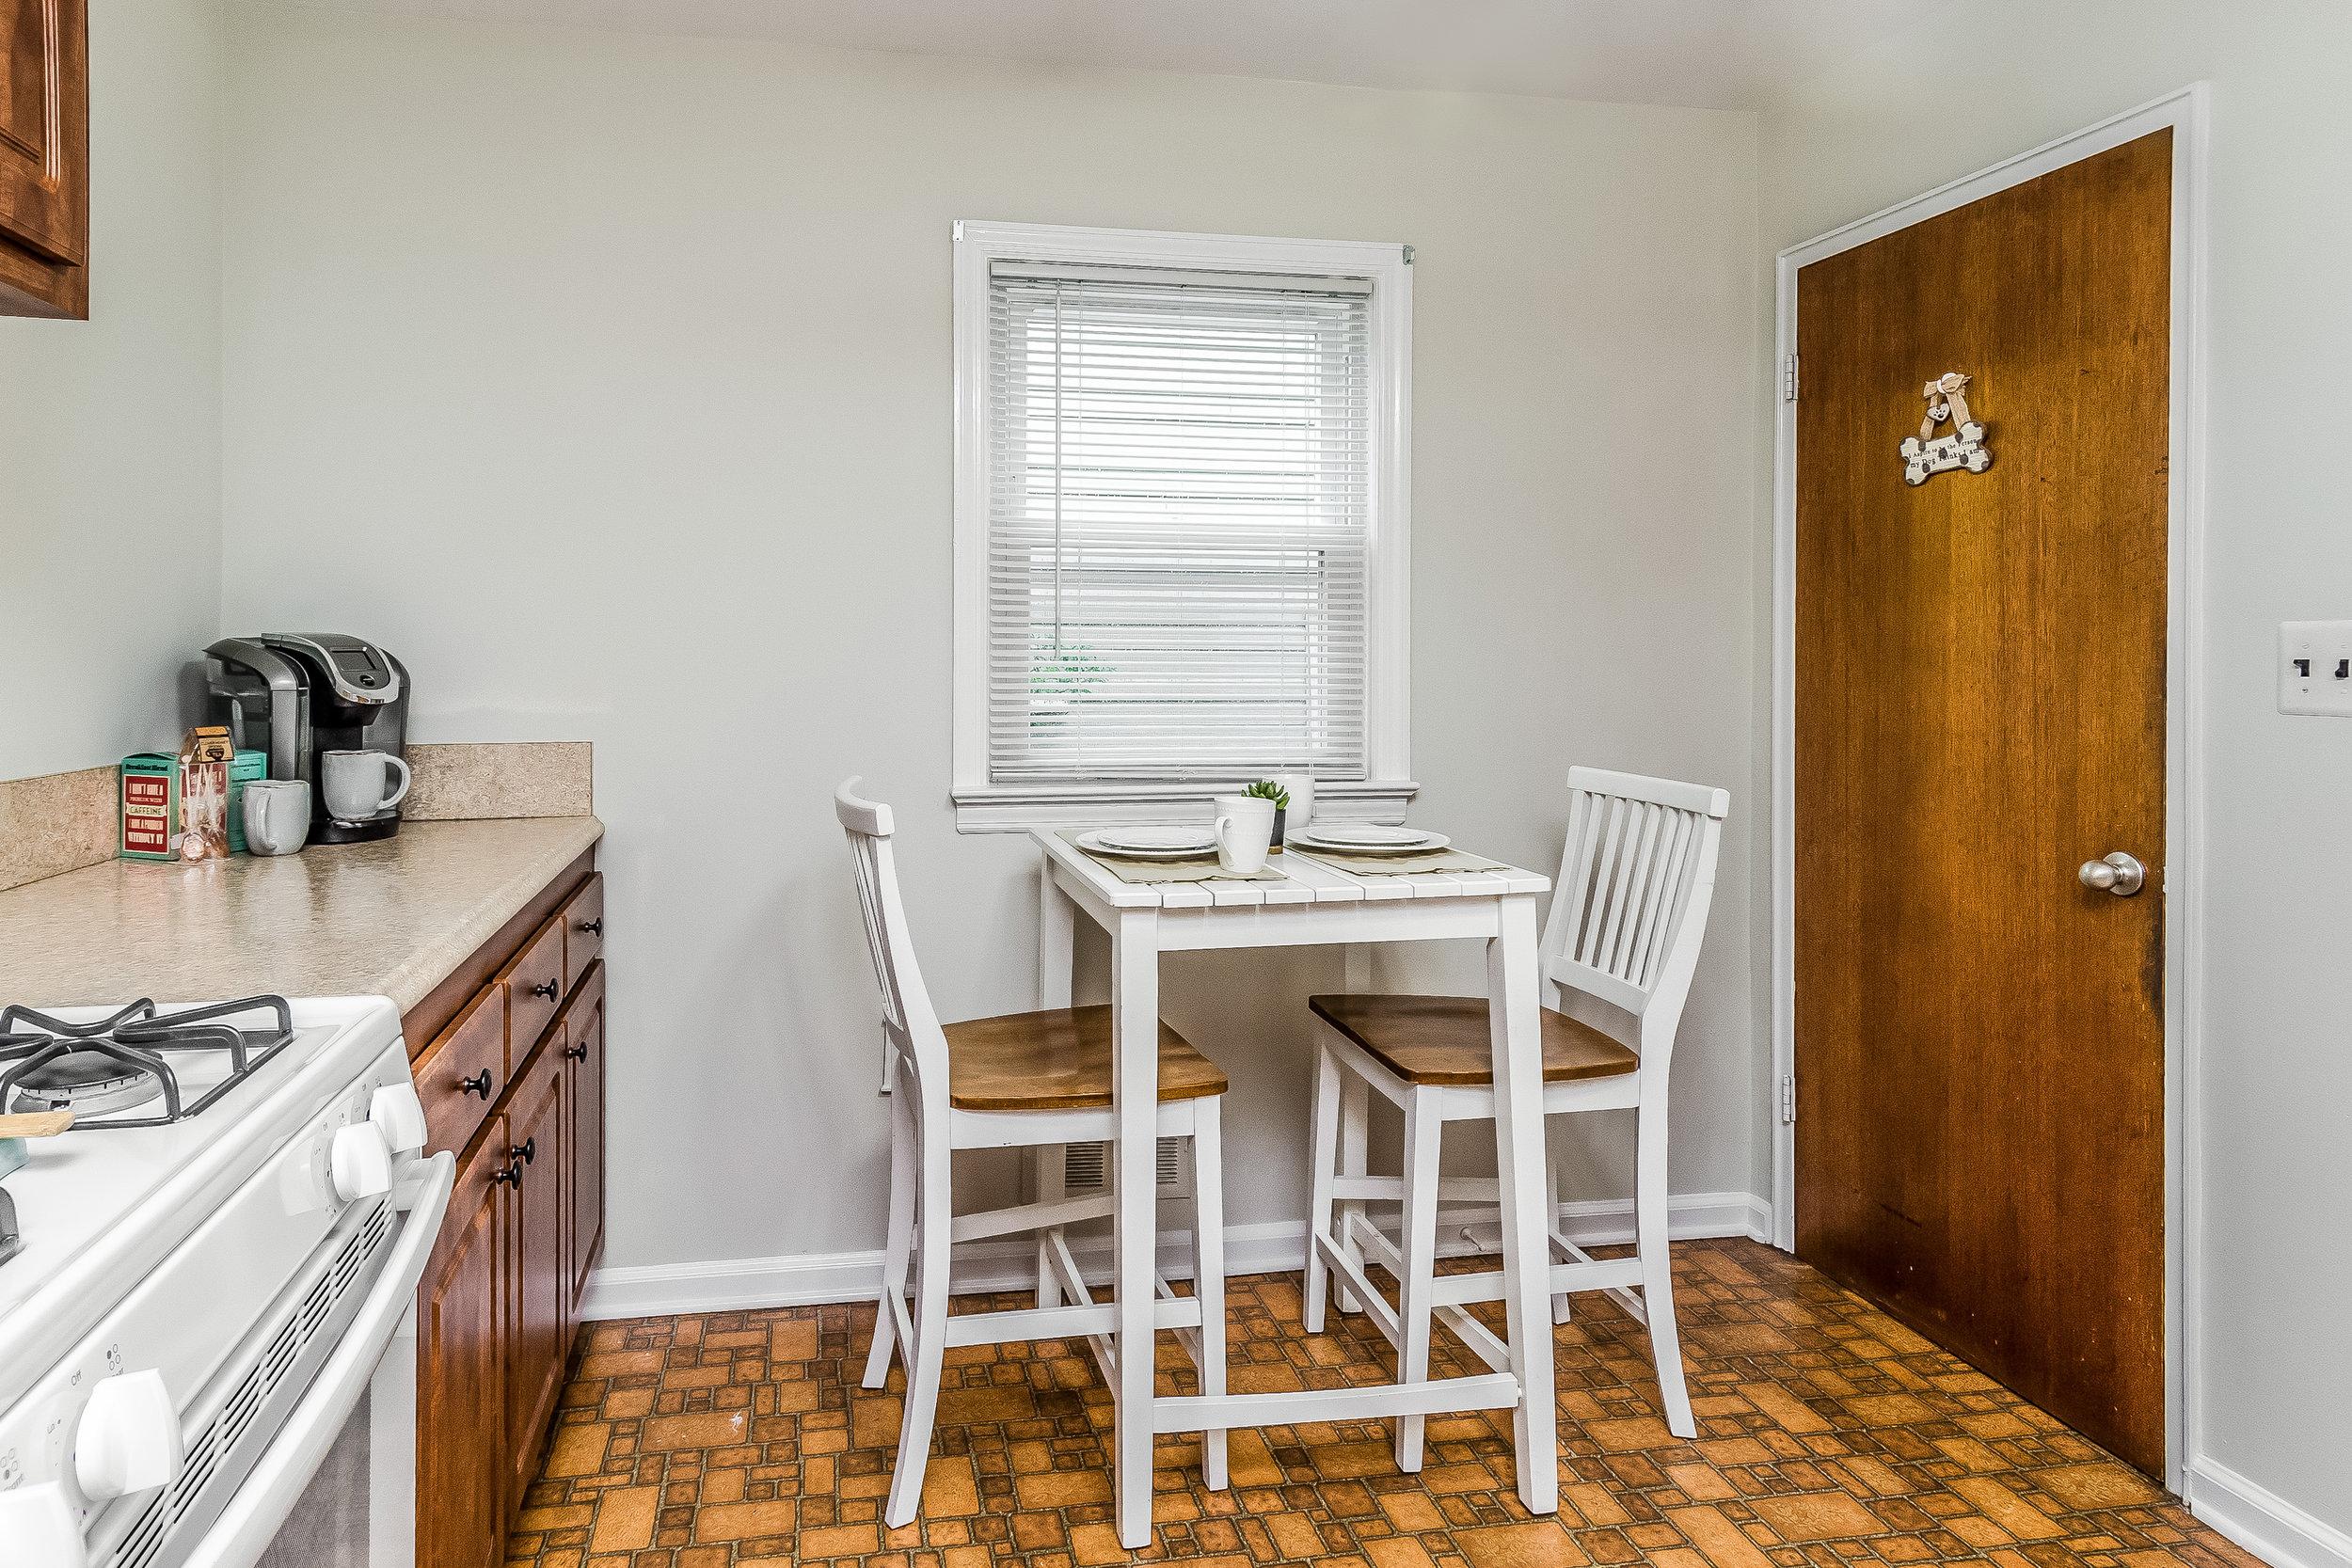 013-photo-kitchendining-room-5786533.jpg